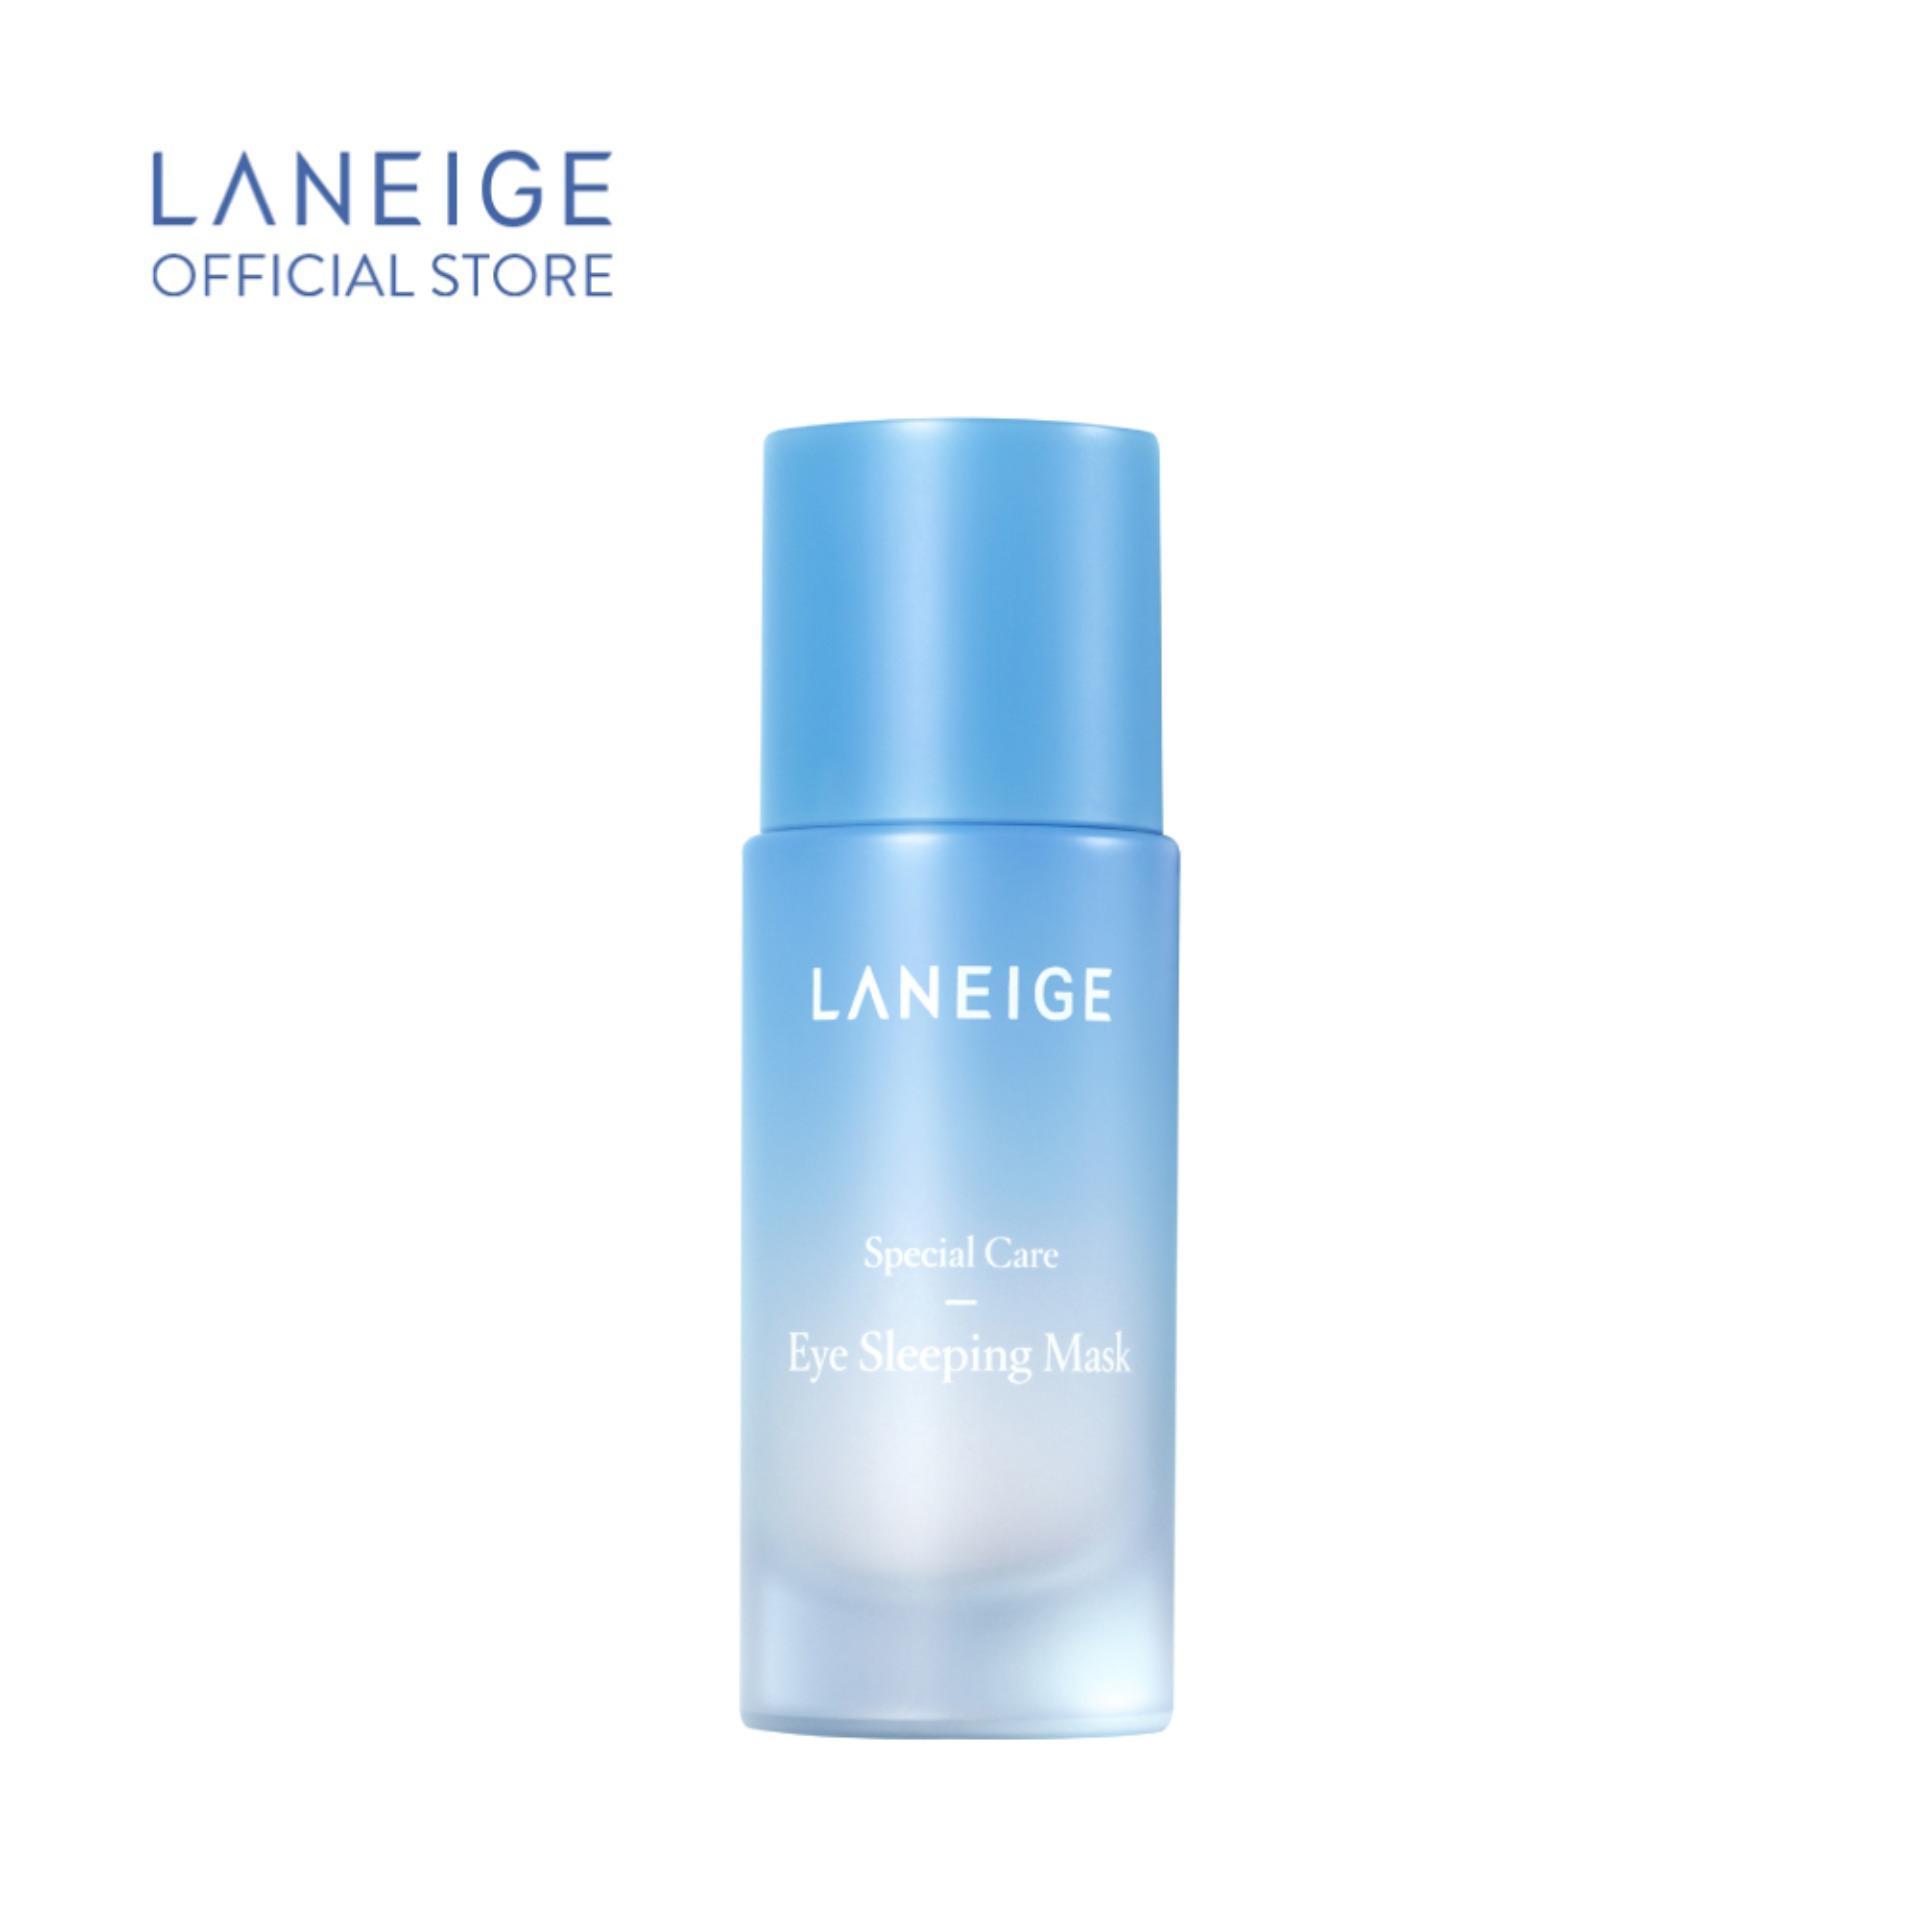 Mặt nạ ngủ cho vùng da mắt Laneige Eye Sleeping Mask 25ml cao cấp